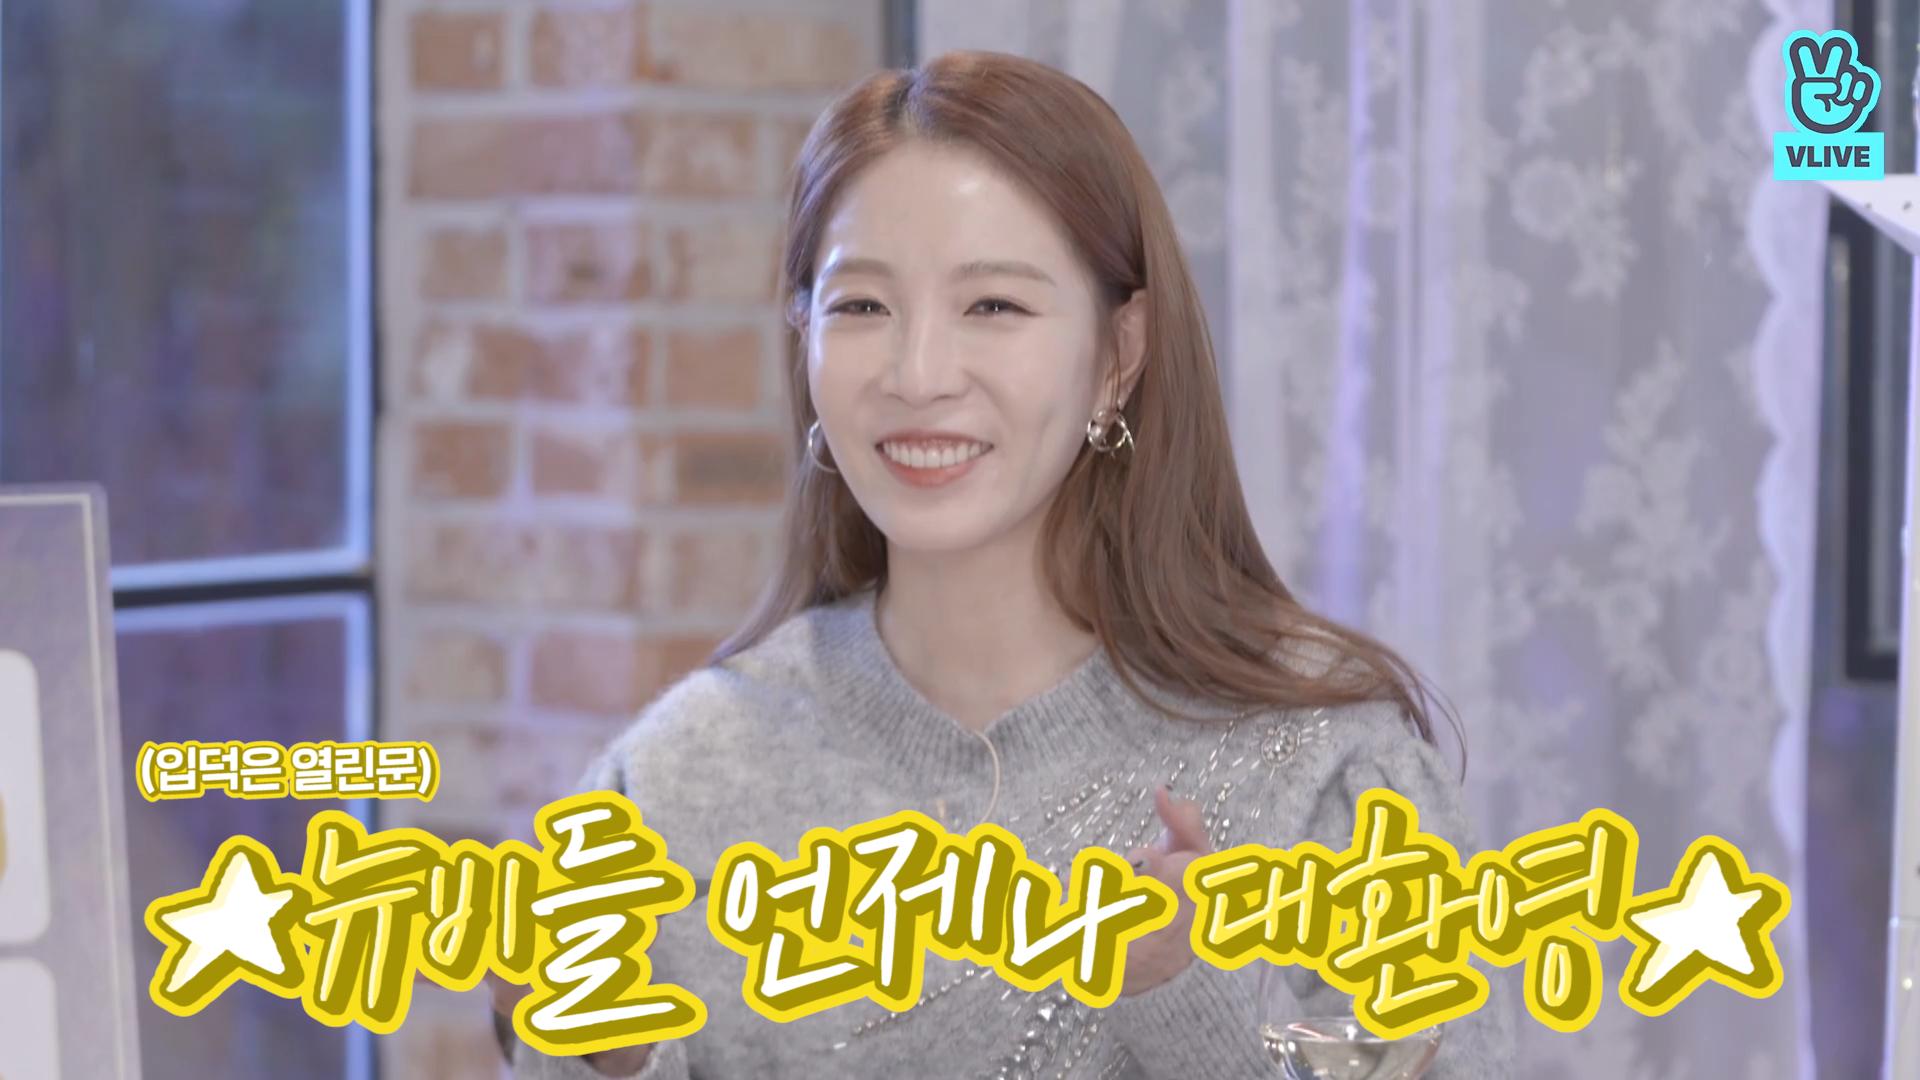 [BoA] 🌟뉴.비.환.영🌟 스물열네살 갓보아 입덕문 여기야 여기! >>🚪<< (BoA talking about new album)